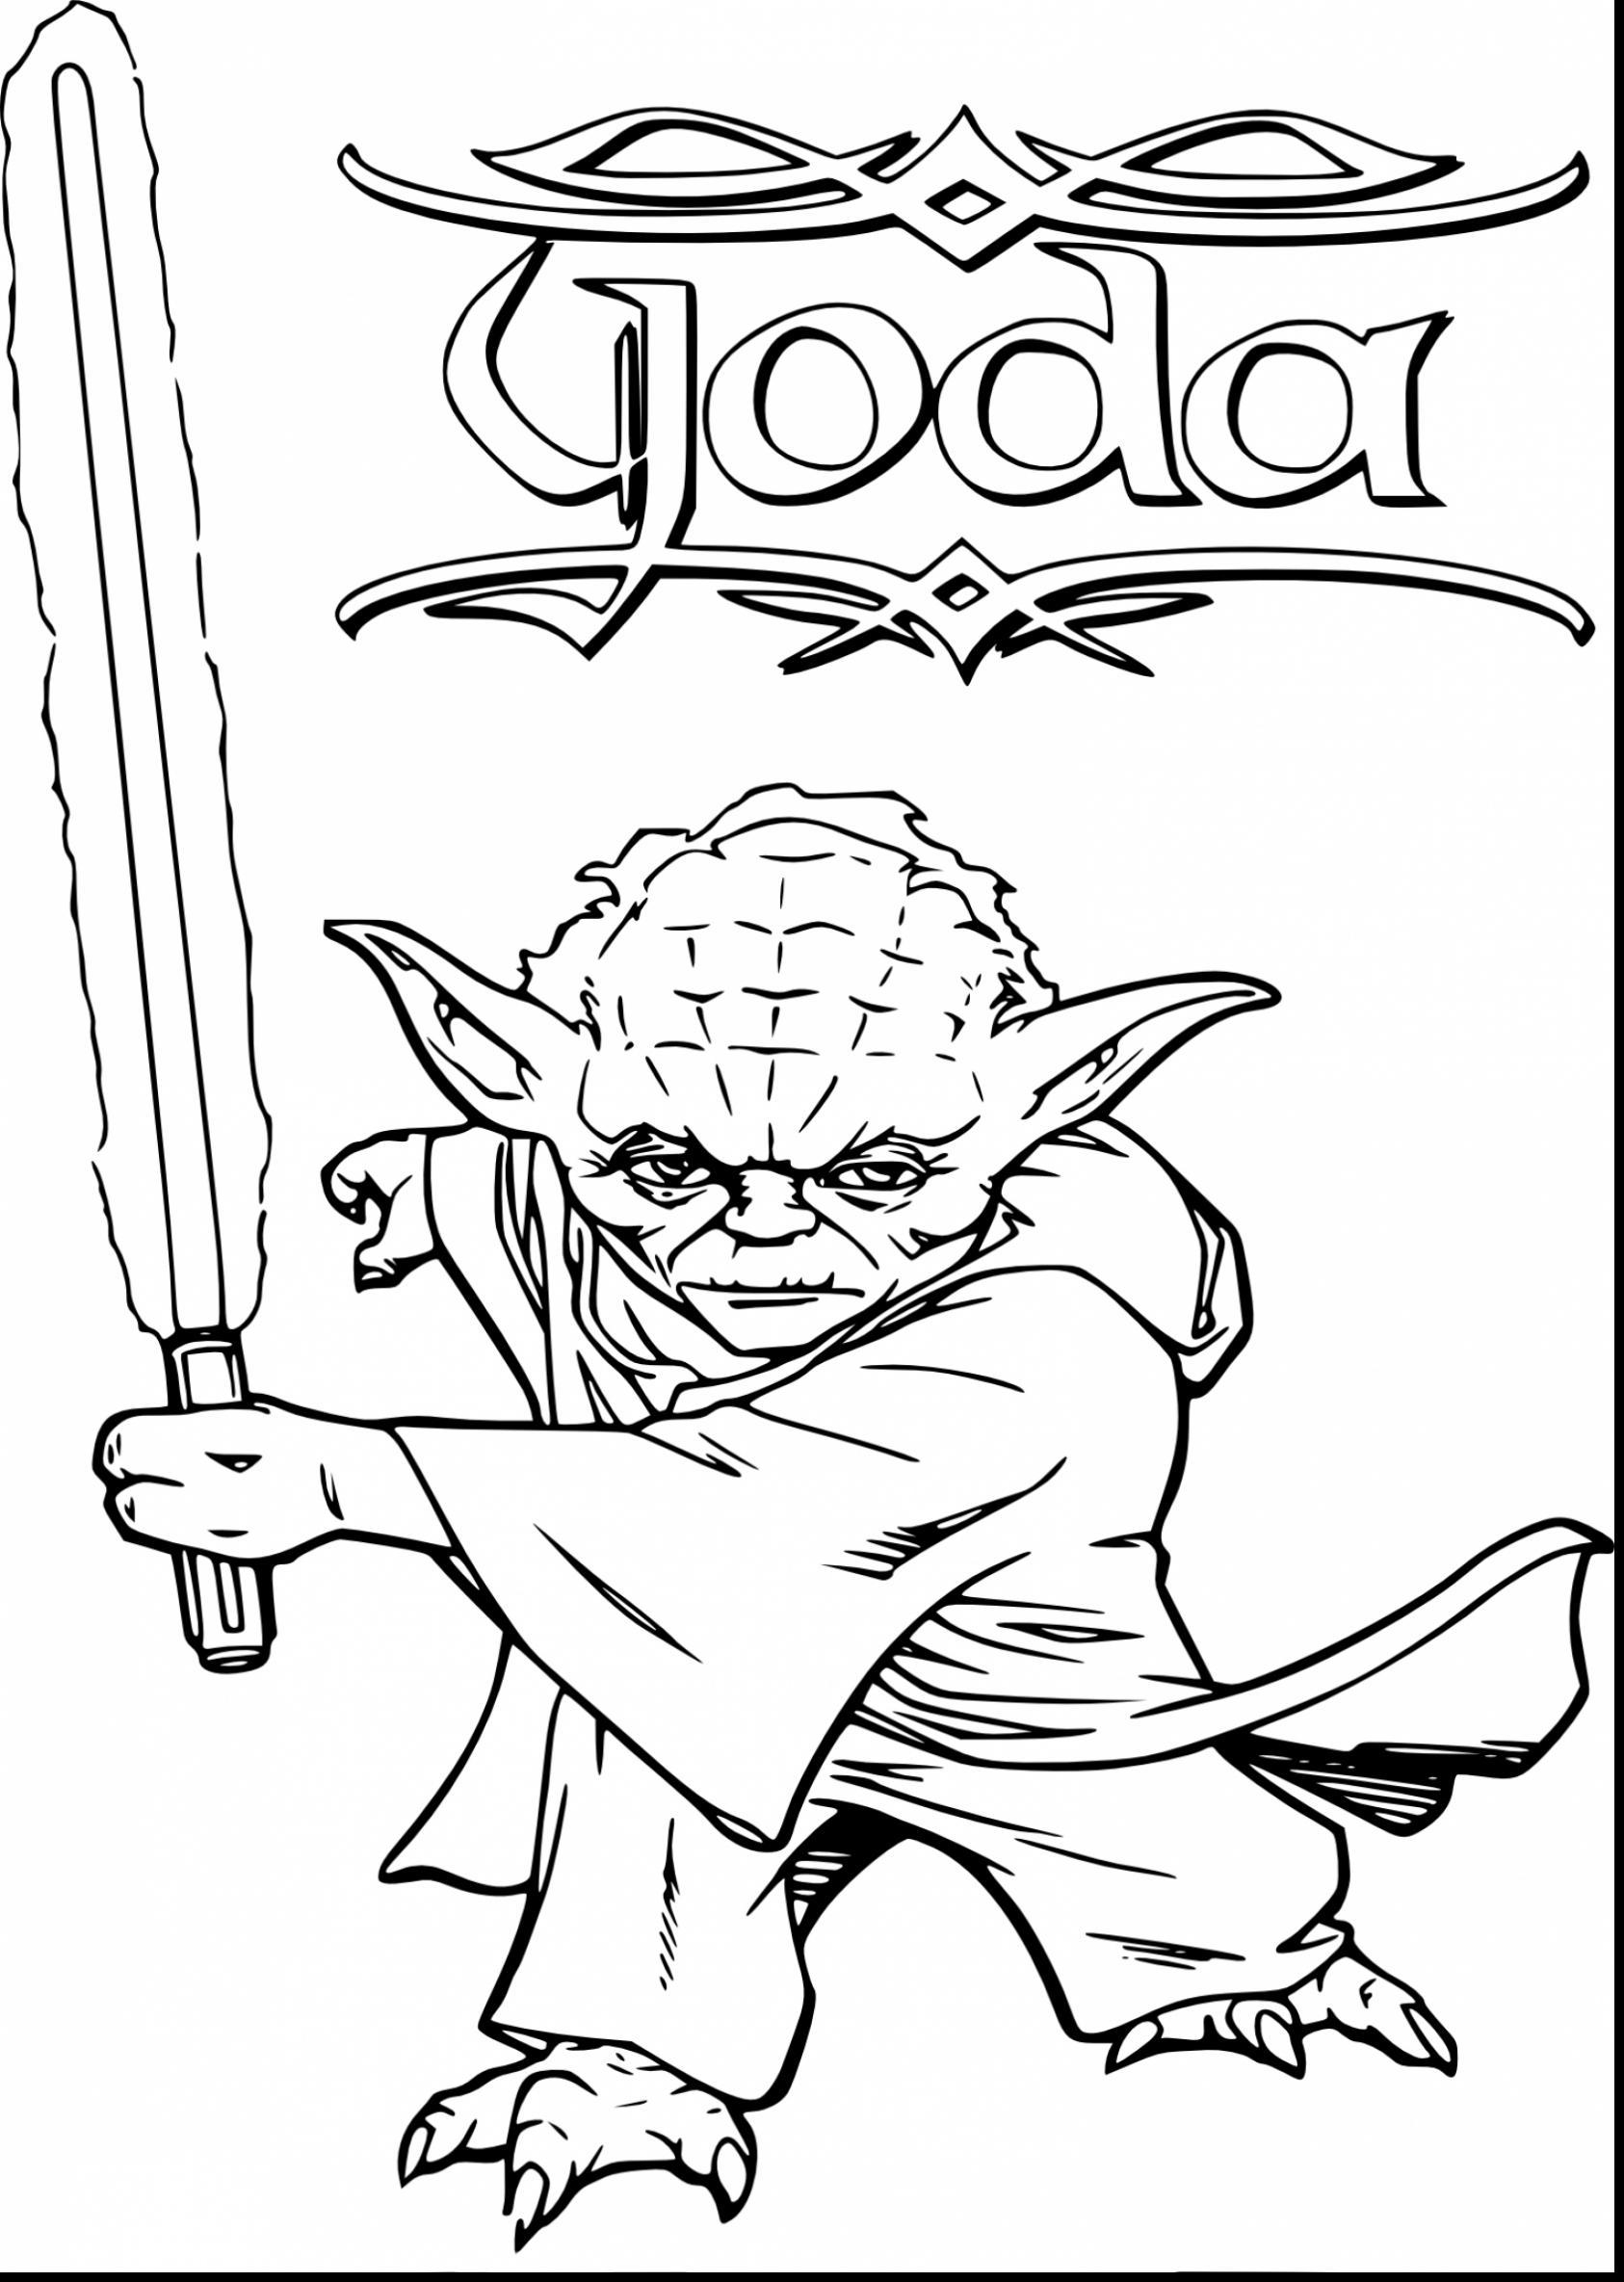 Star Wars Yoda Drawing at GetDrawings | Free download